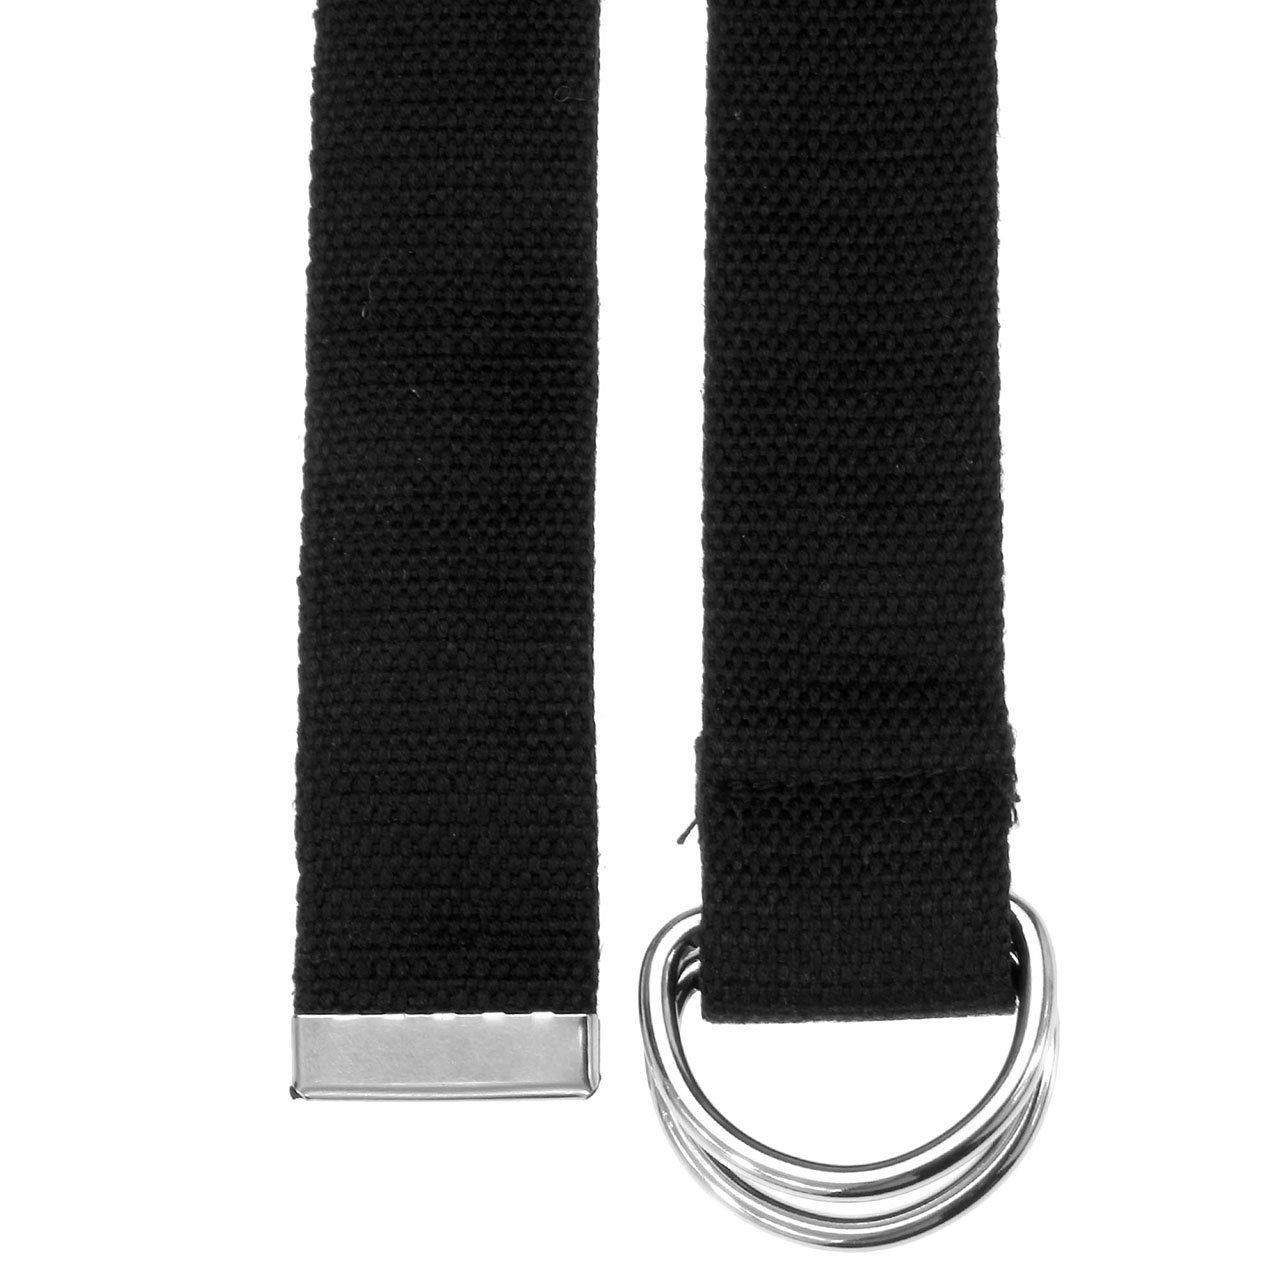 Faleto Herren Damen Gürtel Stoffgürtel mit Doppel D-ringe Schnalle Leinwand Canvas Jeansgürtel Belts 113cm + Original Geschenkbox (Schwarz)